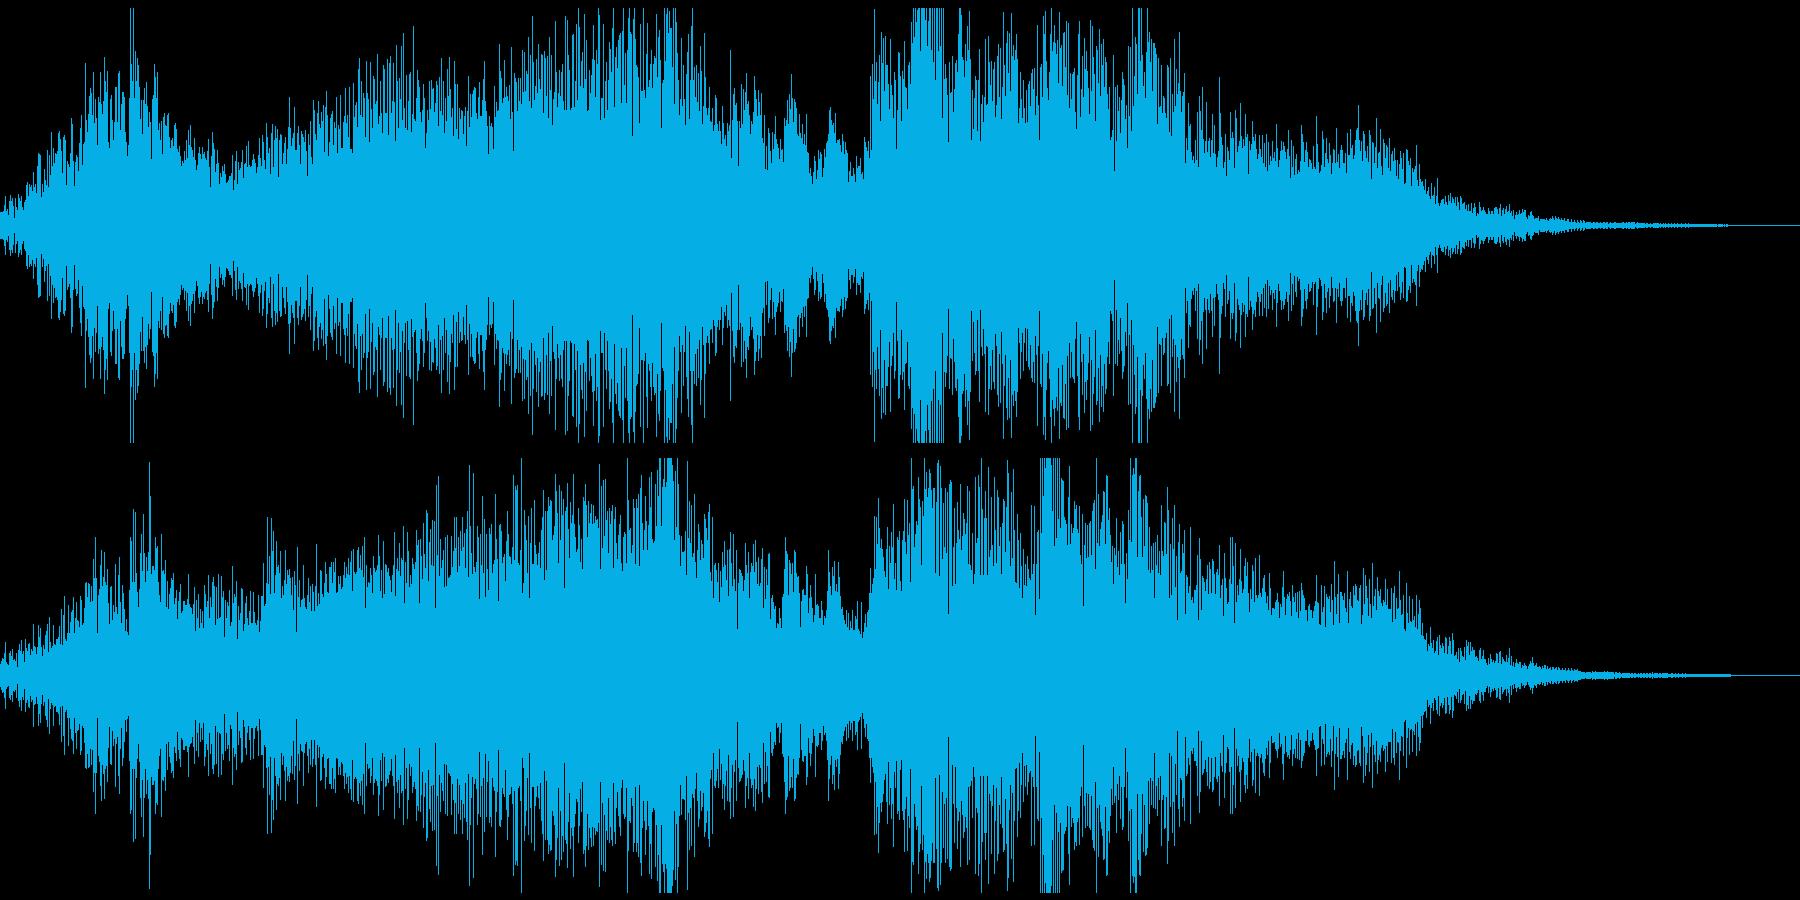 ファンタジーな勝利ジングル 8秒の再生済みの波形